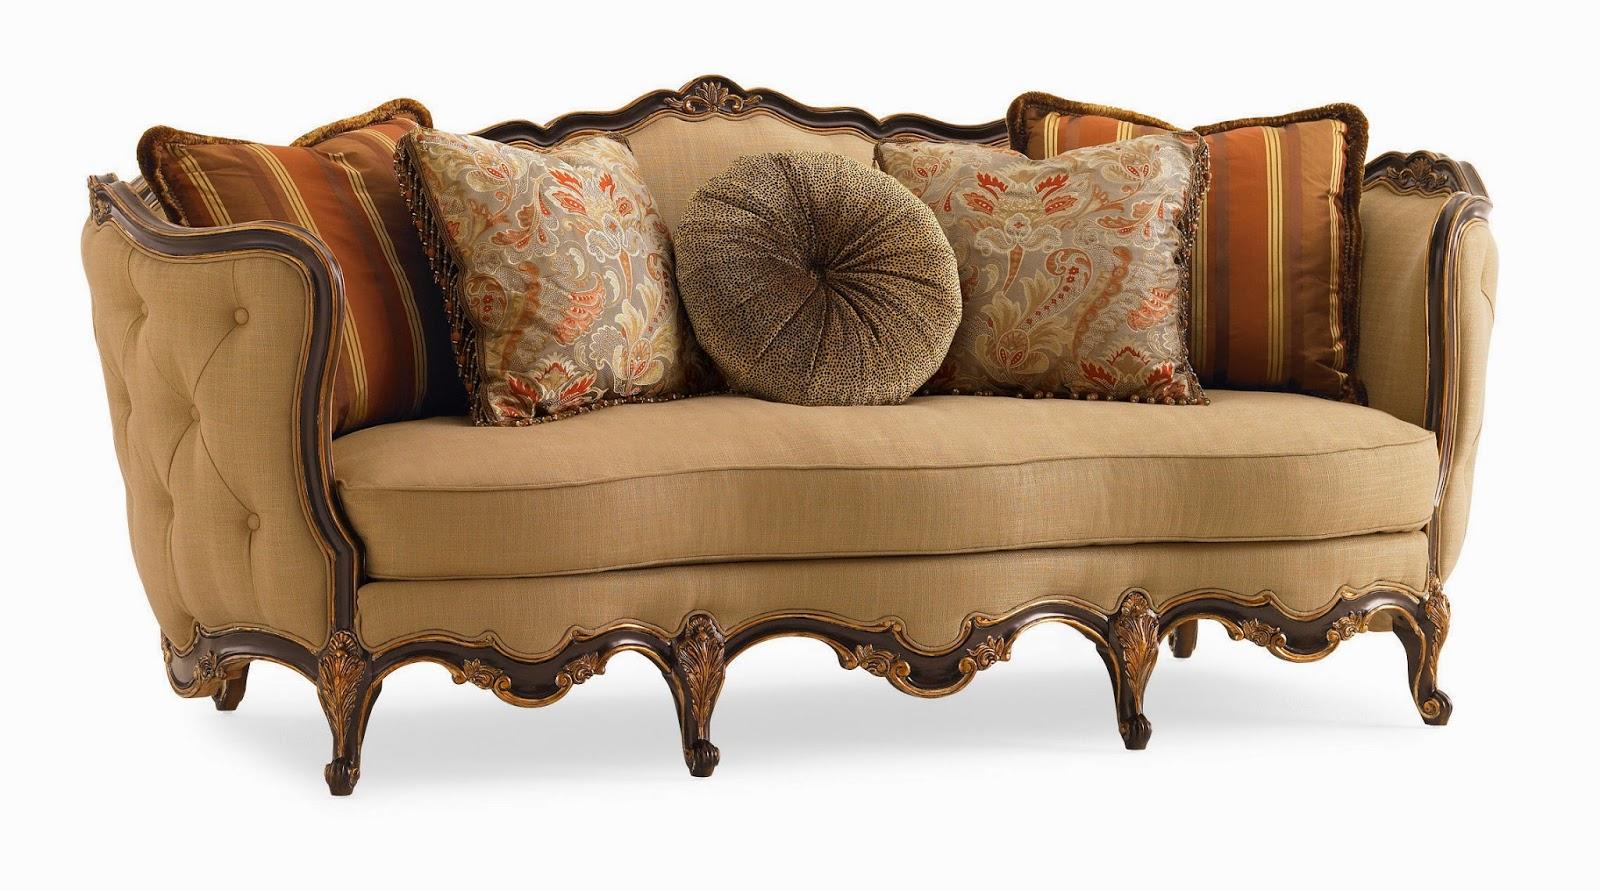 jual sofa bed murah di jakarta selatan cheap black leather sofas for sale timur brokeasshome